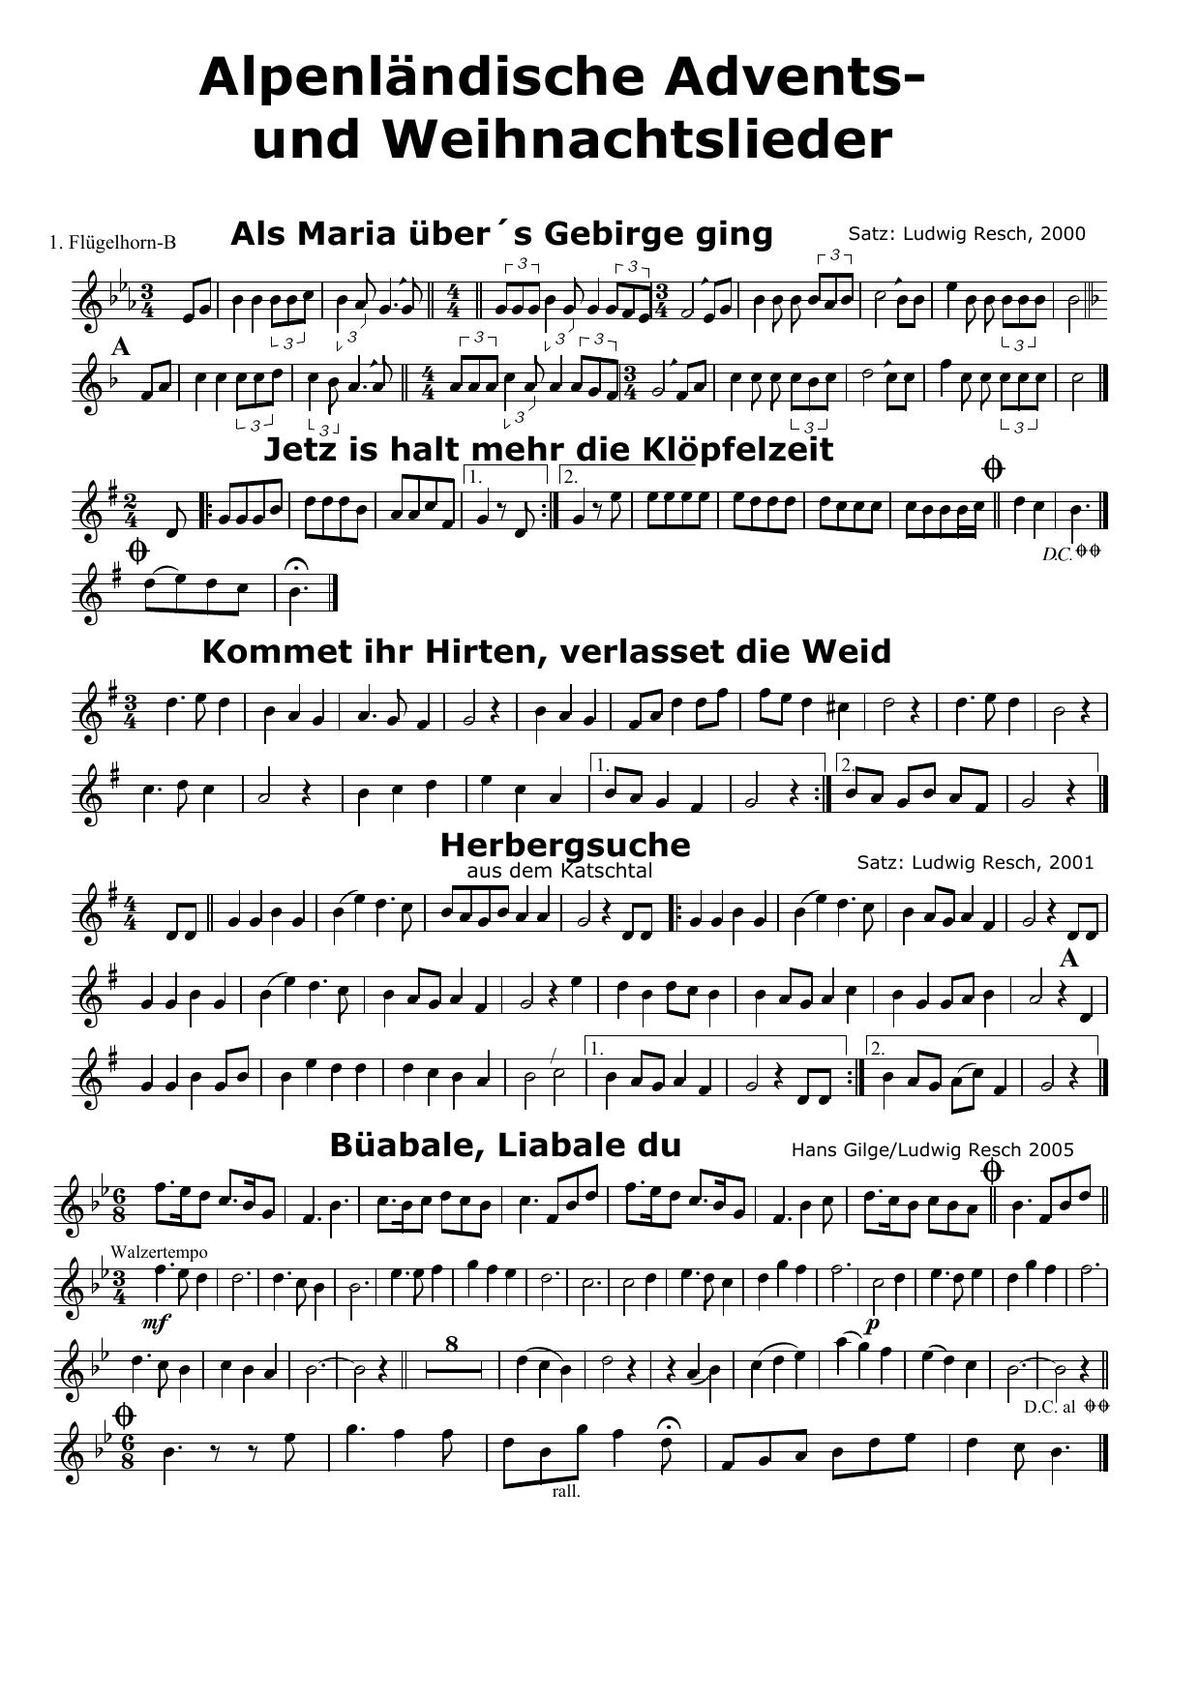 Alpenländische Weihnachtslieder Noten.Dvo Druck Und Verlag Obermayer Gmbh